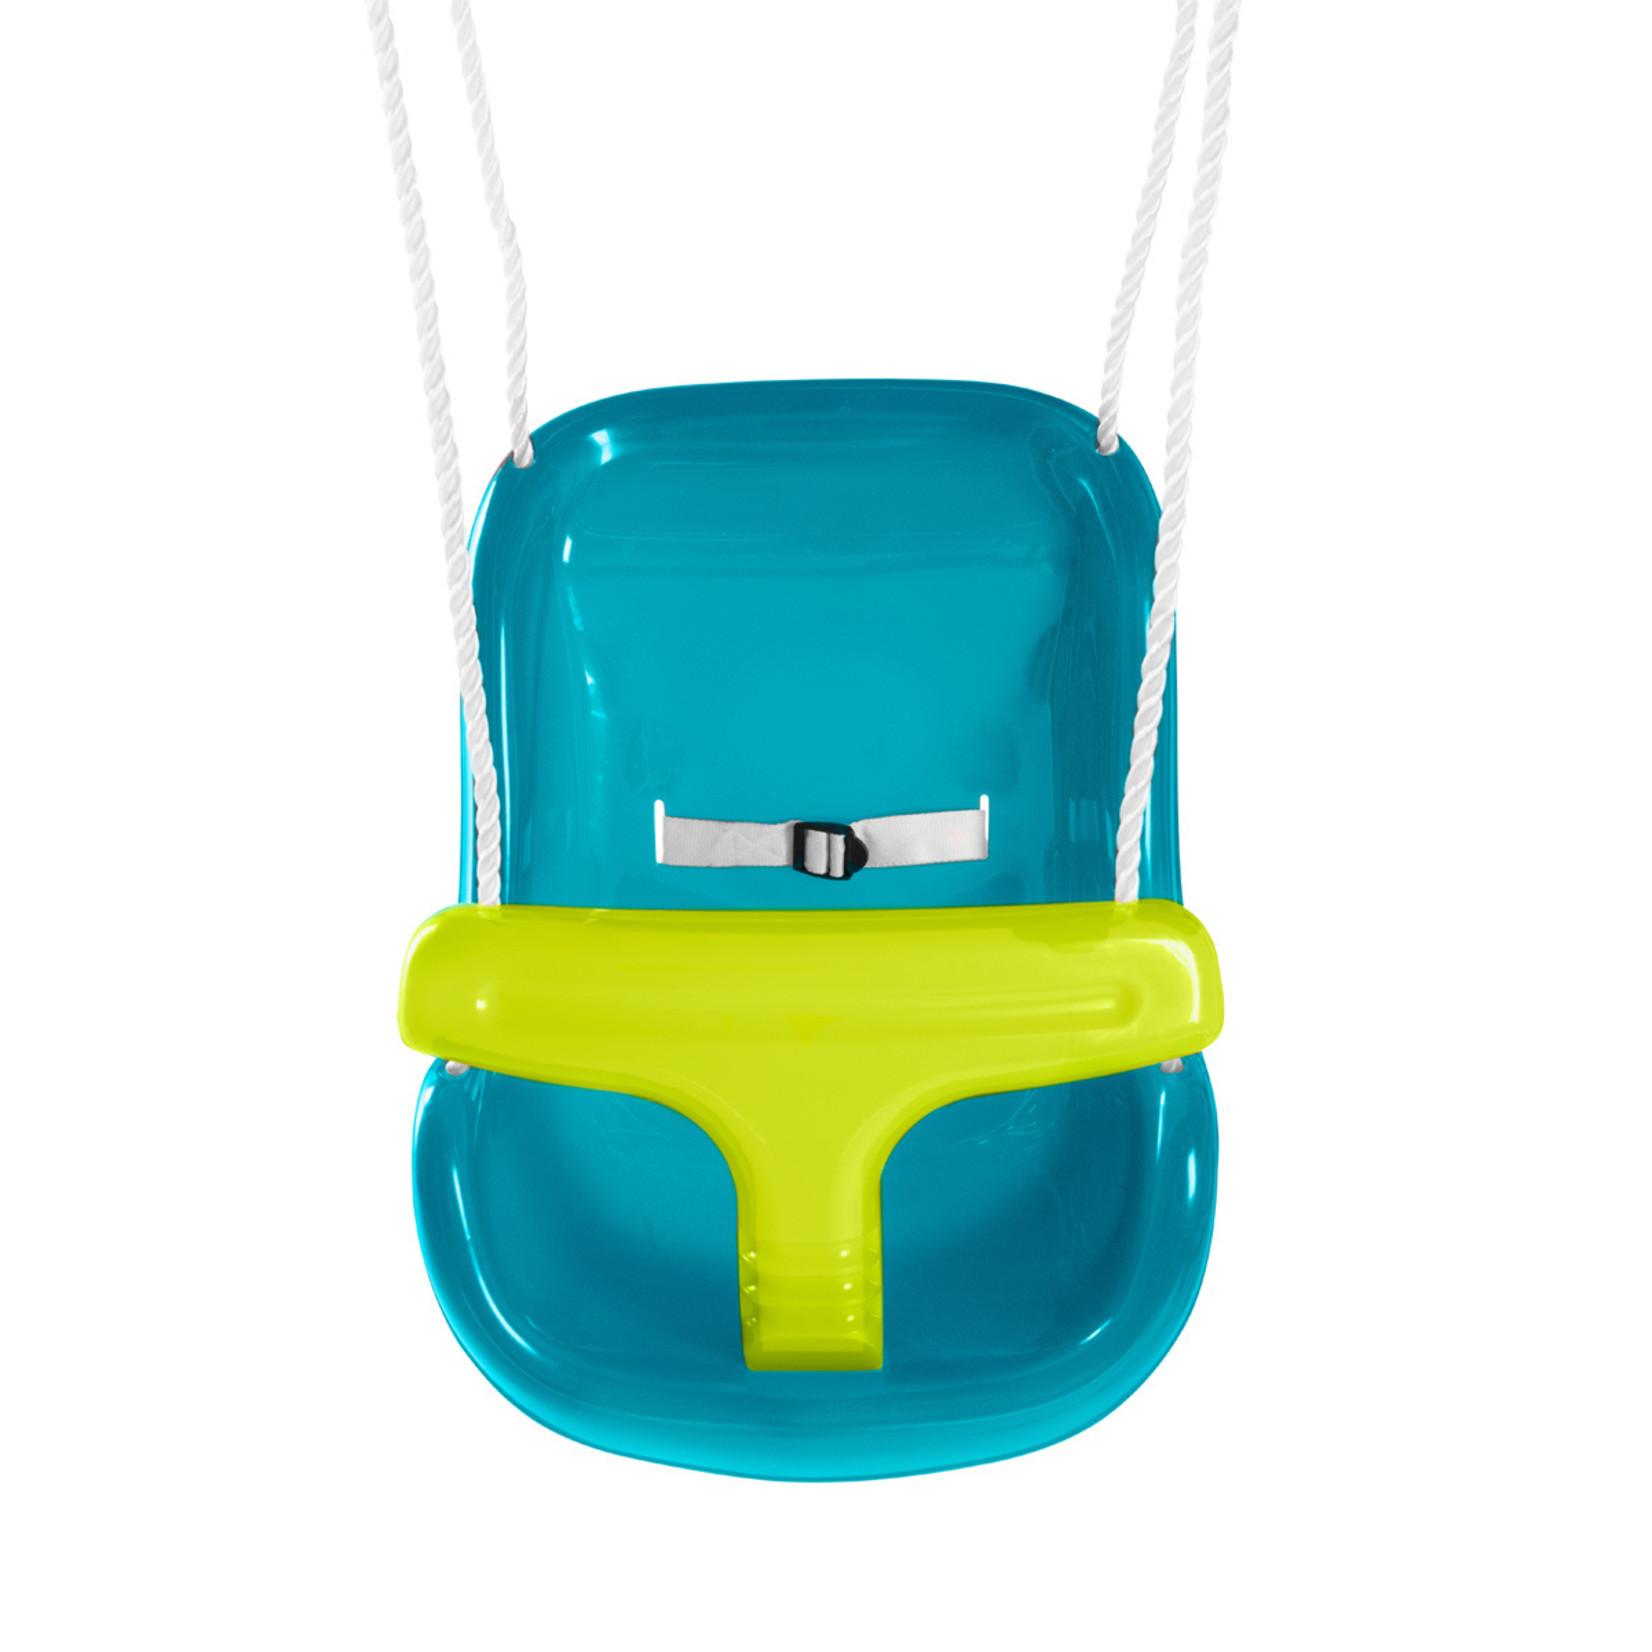 Baby schommelzit turquois